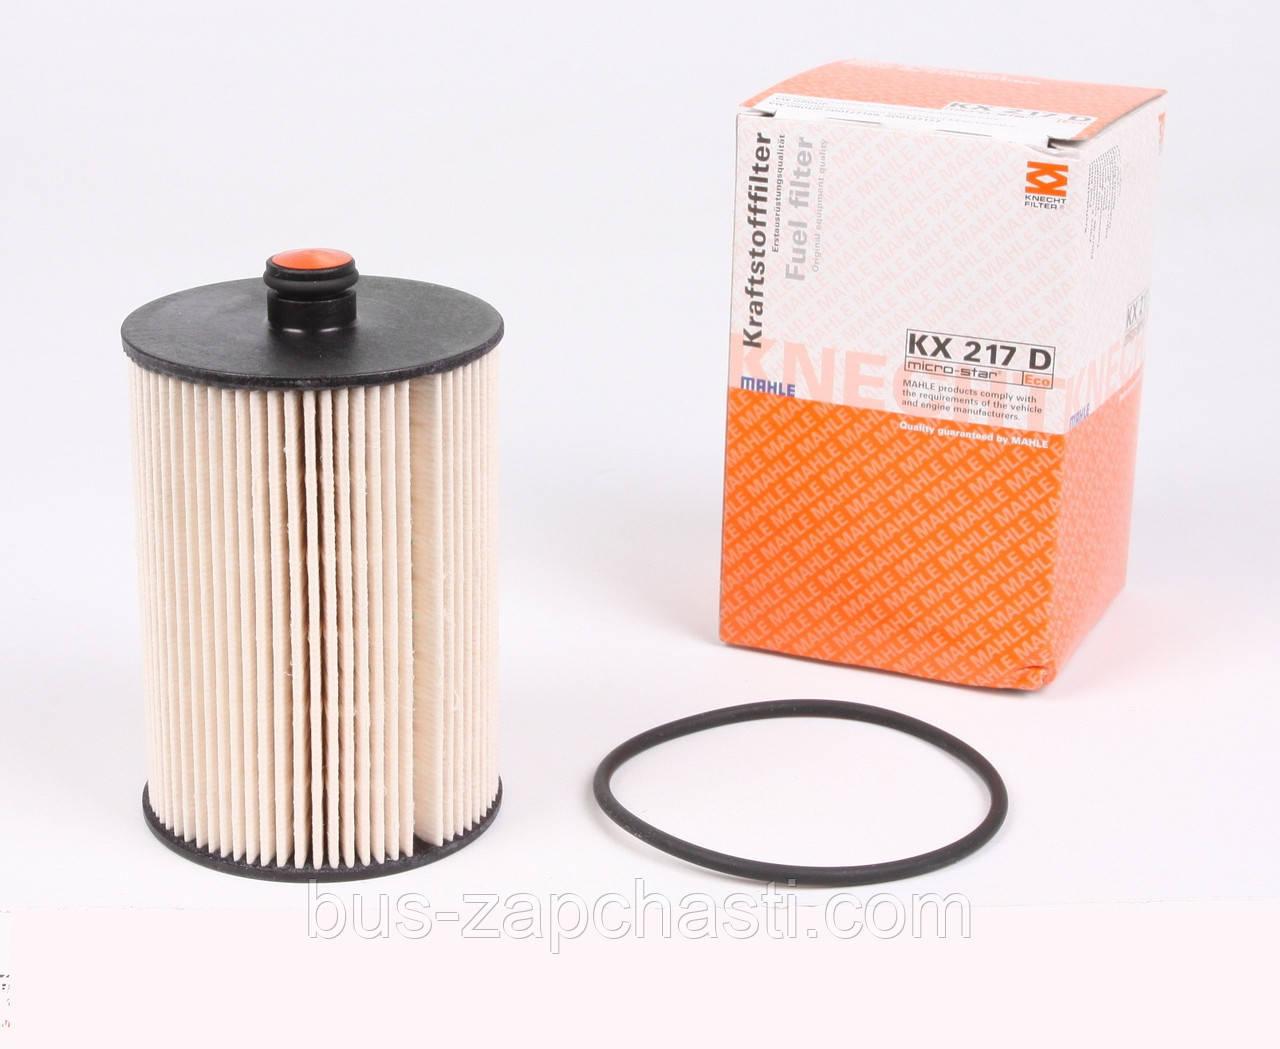 Топливный фильтр на VW LT 2.8 TDI (116KW) 2002-2006 — Knecht (Австрия) — KX217